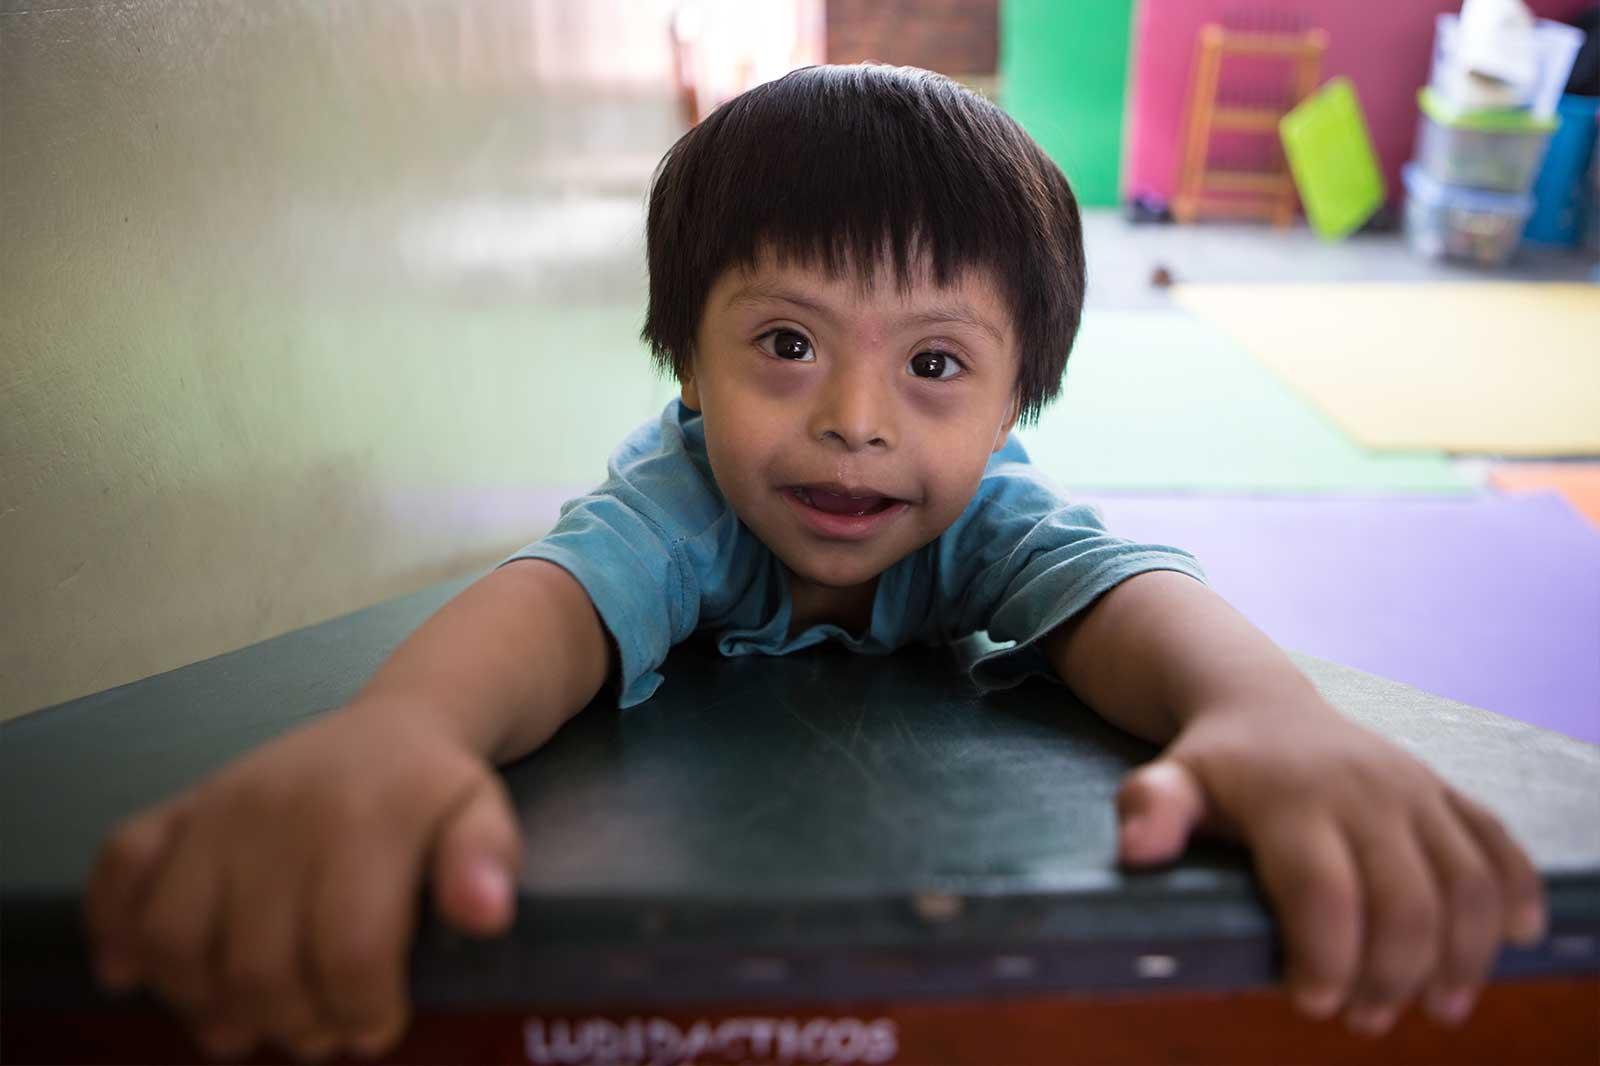 La organización también busca la inclusión educativa de niños con discapacidades severas poniendo a su disposición aulas de inicial y primaria.